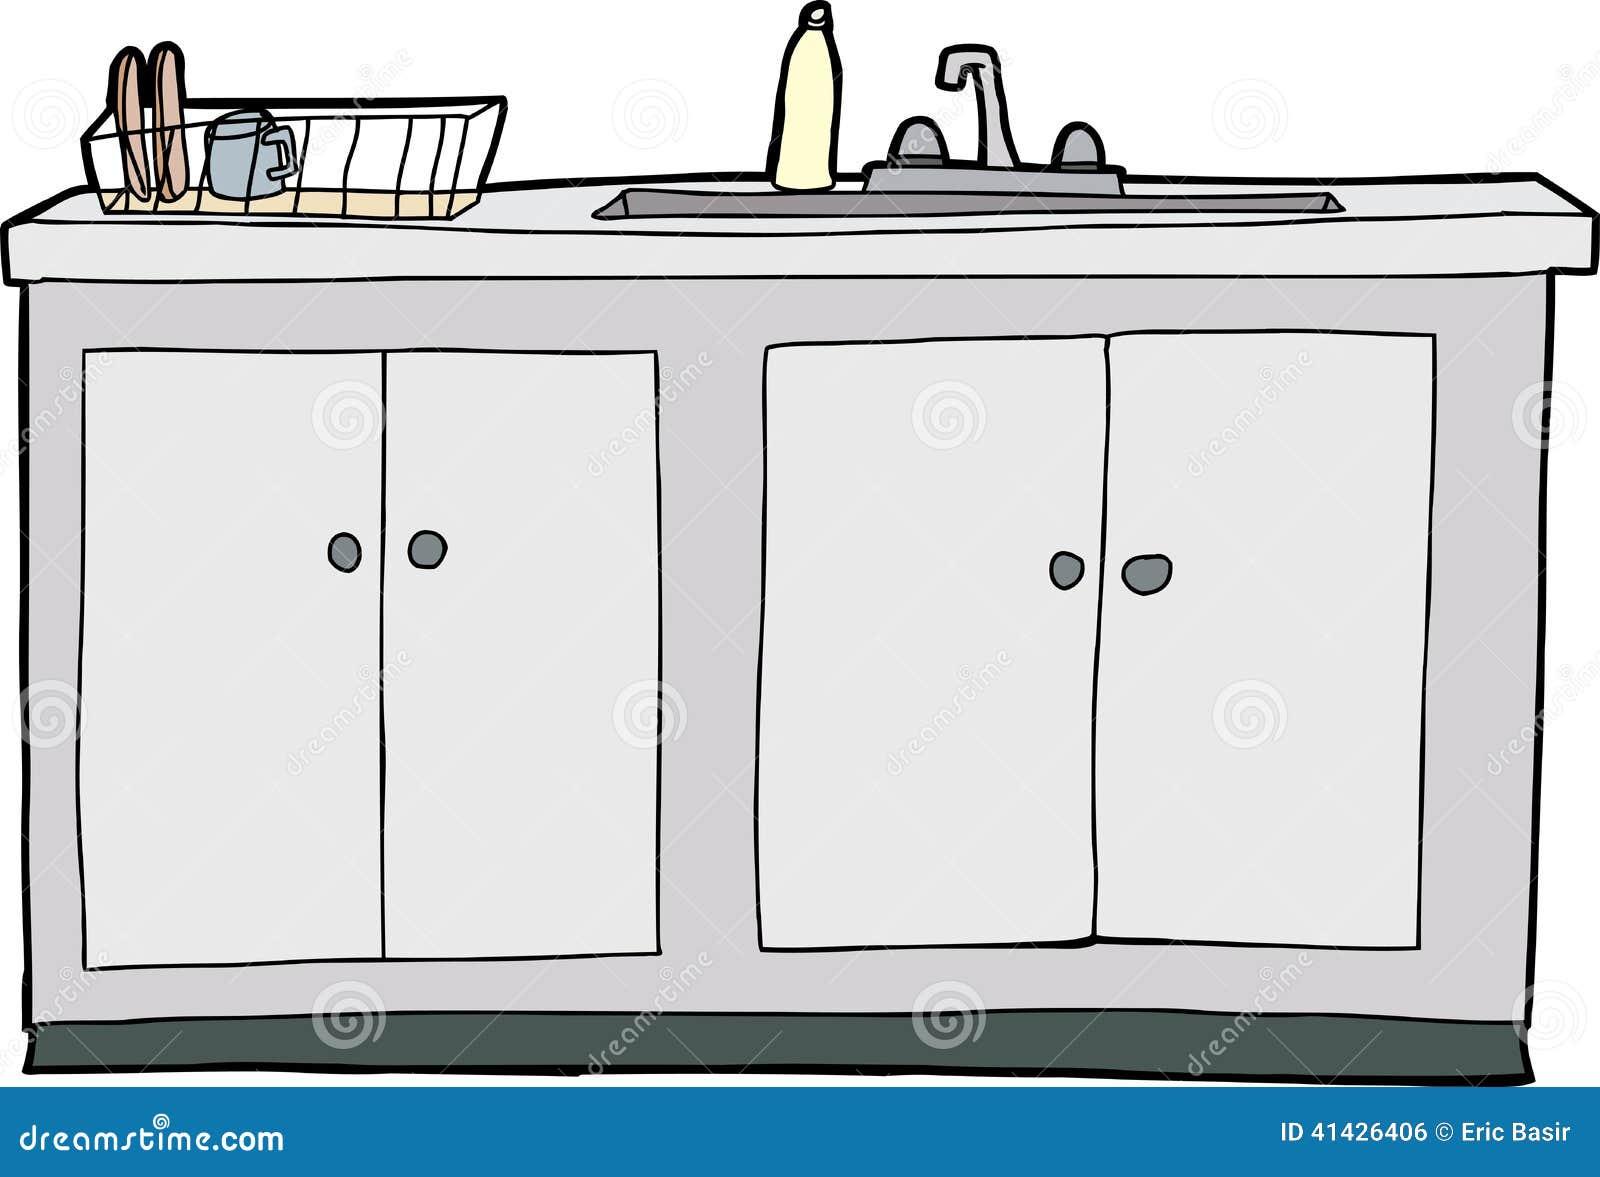 Cartoon Kitchen Sink